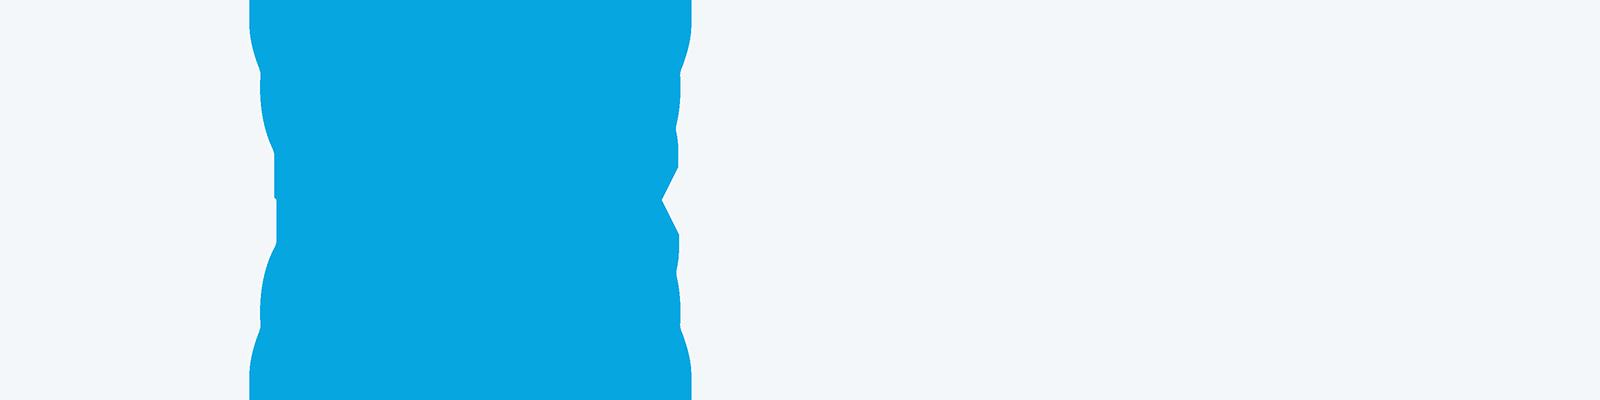 Exit10_Logo Full Light